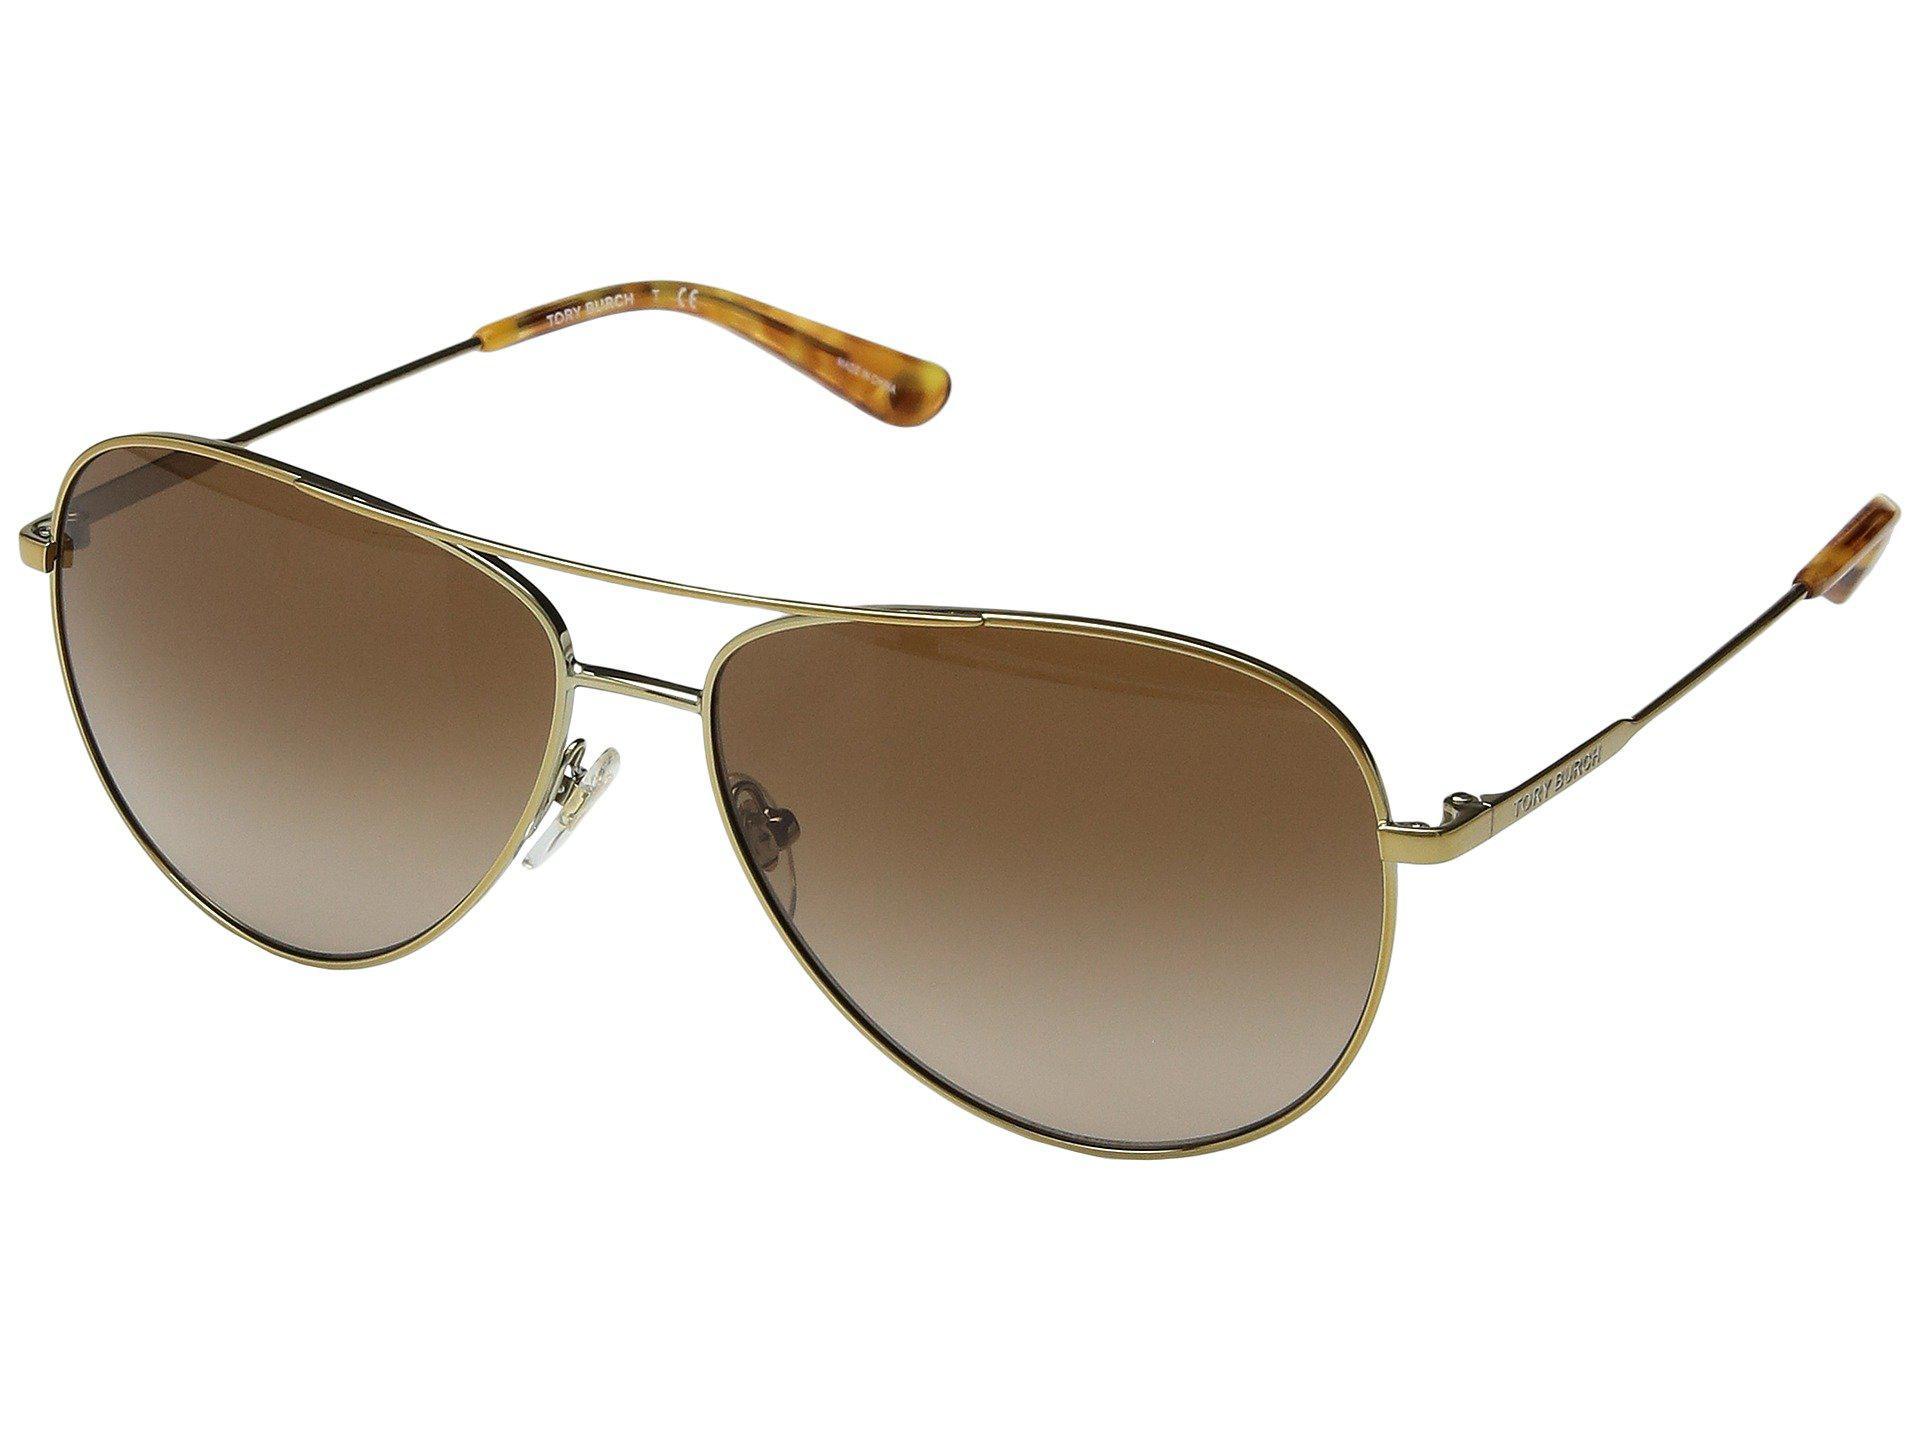 976f21eaf7 Lyst - Tory Burch 0ty6063 59mm (silver gredient Grey) Fashion Sunglasses